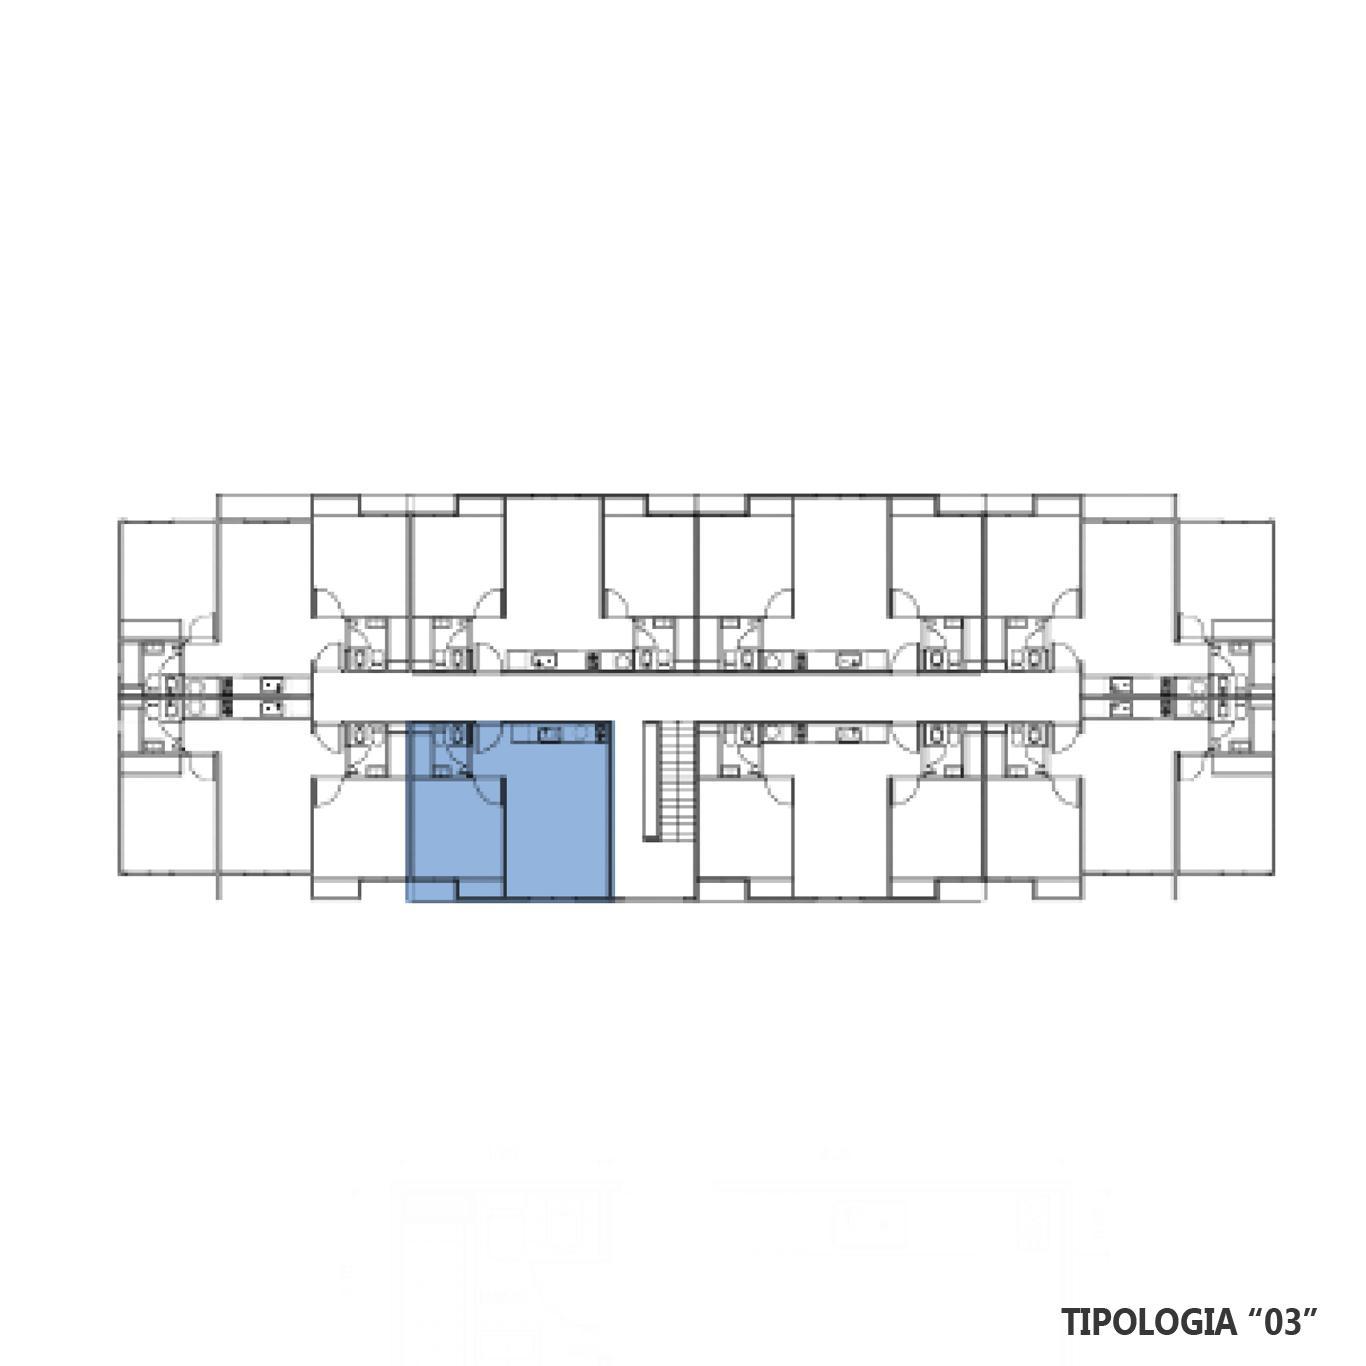 Venta departamento 1 dormitorio Añelo, Añelo. Cod CBU23671 AP2225833. Crestale Propiedades